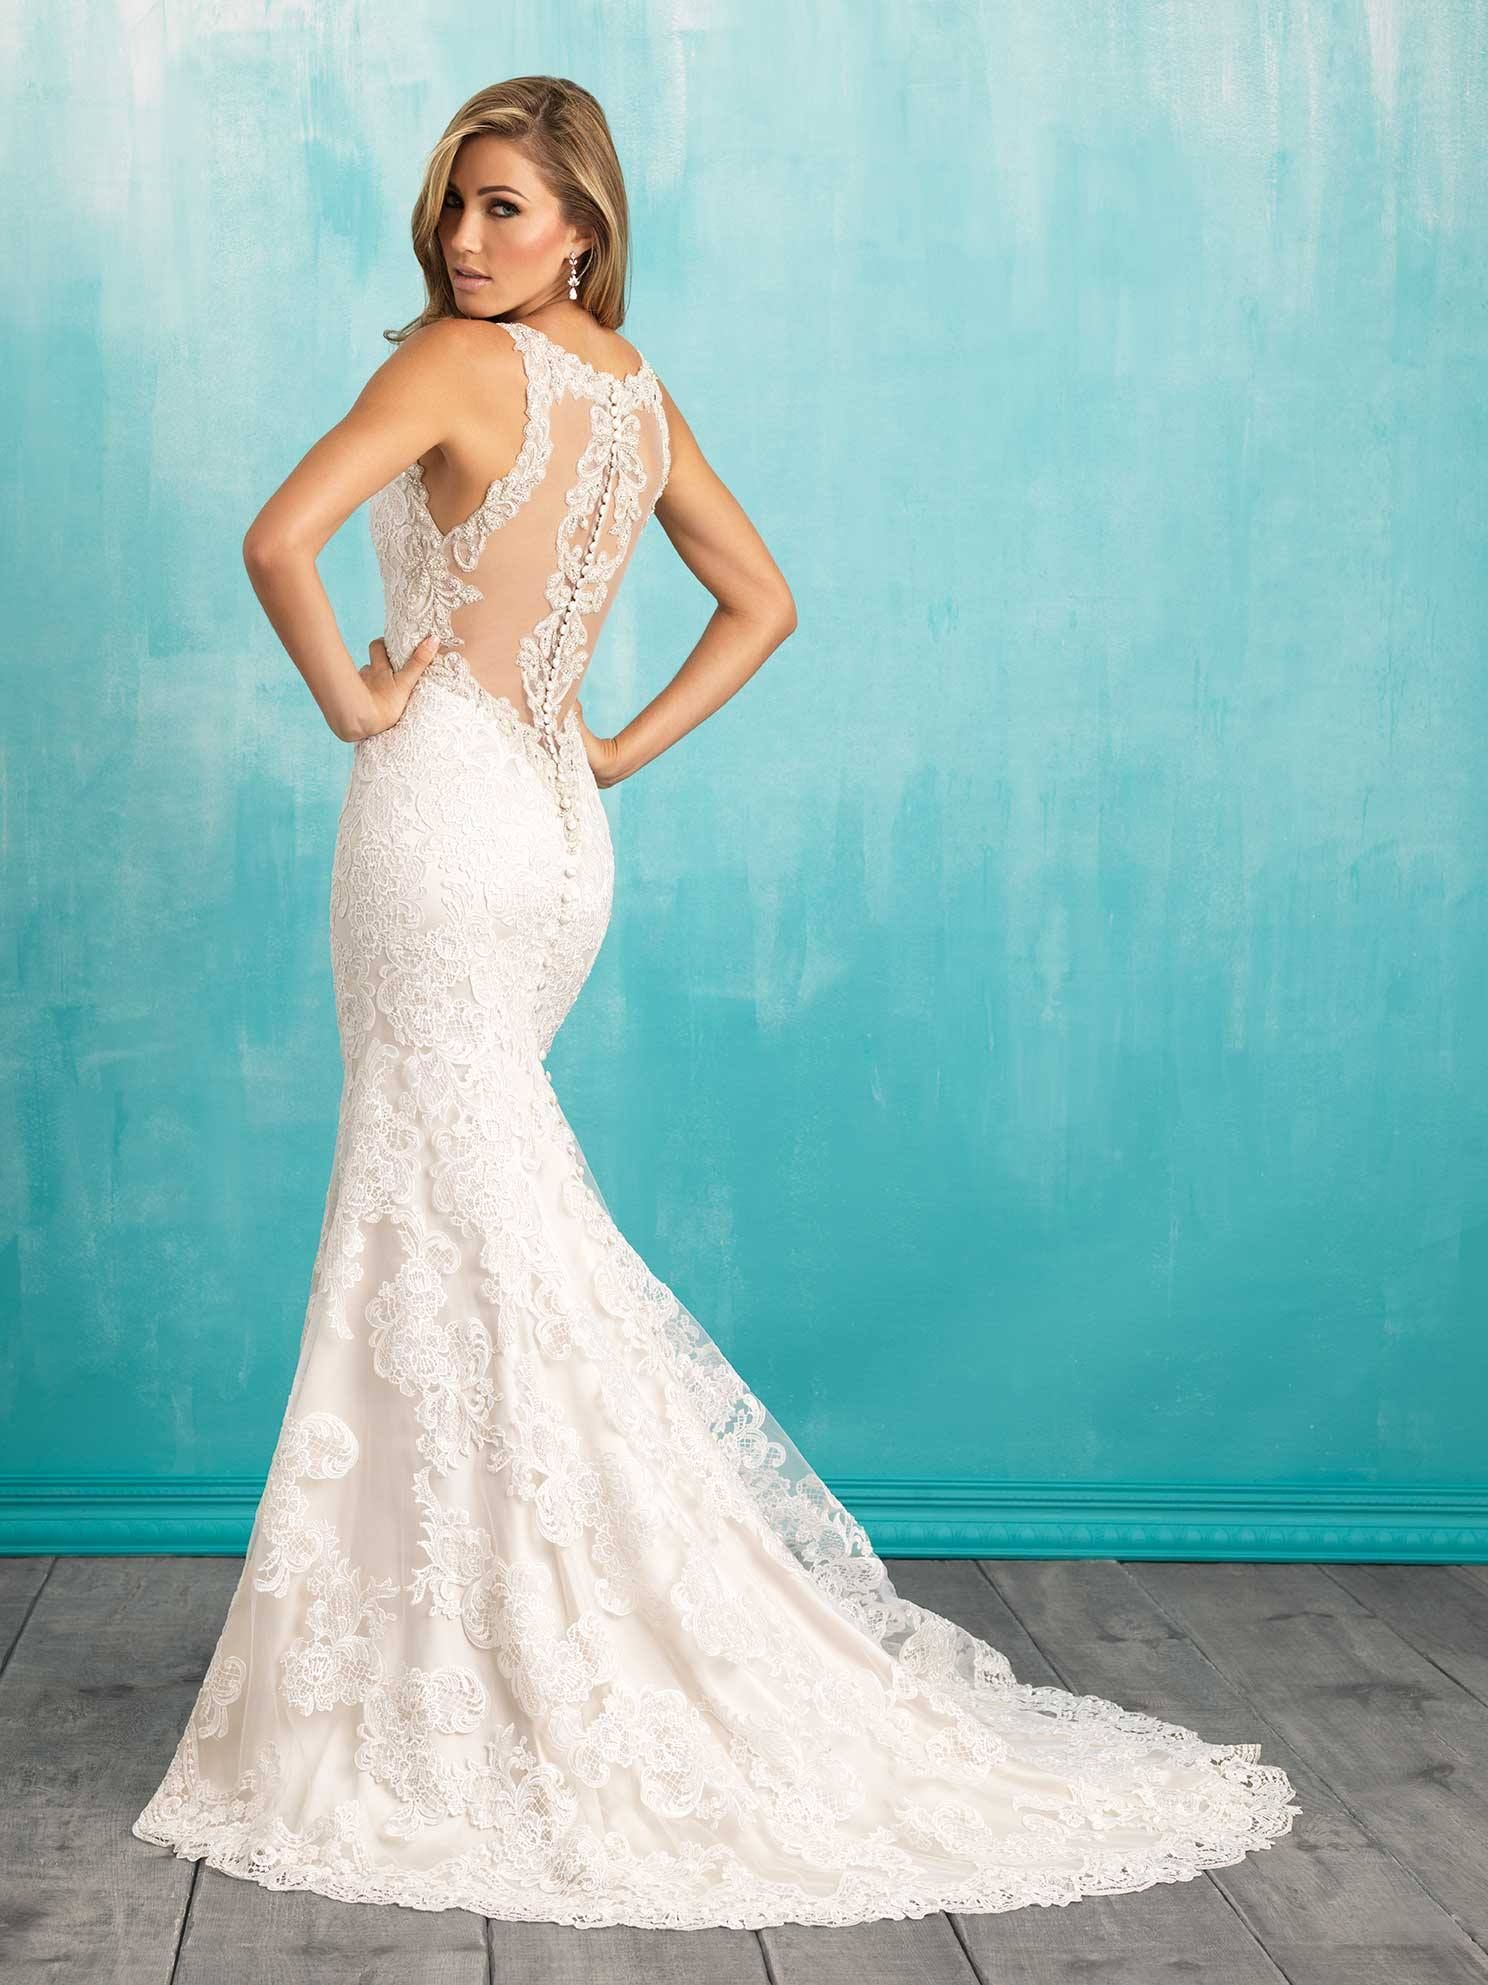 Beth Carter Bridal 324 E Huntingburg In 47542 812 683 3777 Www Bethcarter Us Allure Bridal Wedding Dress Sheath Wedding Dress Lace Allure Bridal [ 1985 x 1488 Pixel ]